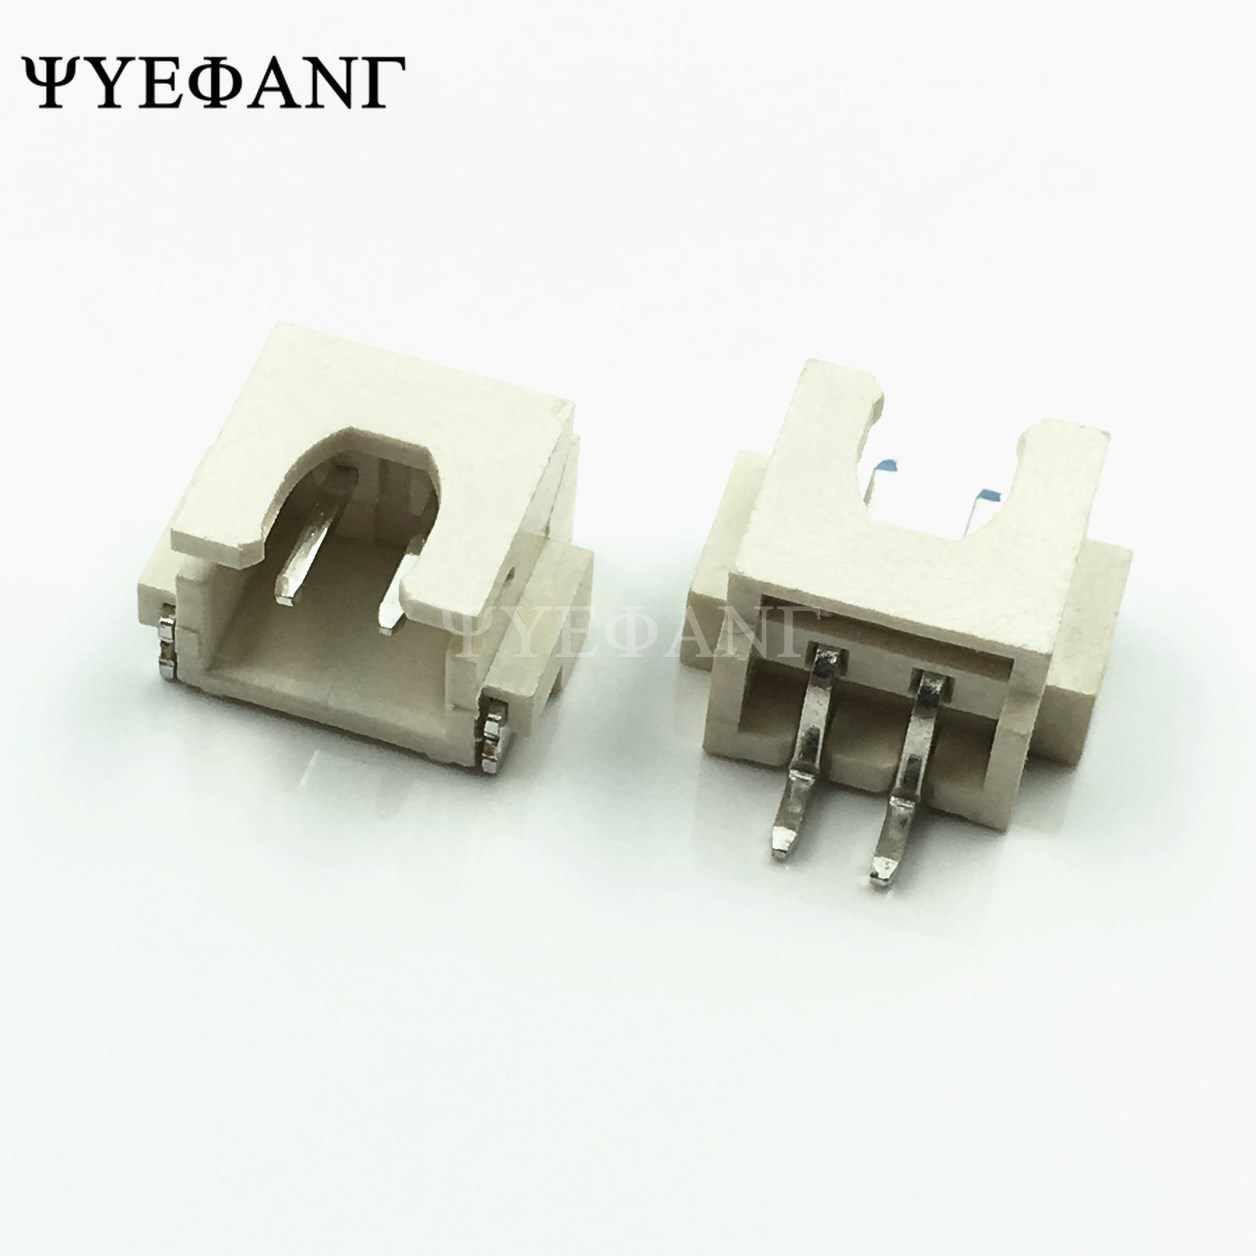 10 sztuk XH2.54 SMD SMT złącze kątowe 2.54MM PITCH mężczyzna głowica pinowa 2 P/3 P/4 P/5 P/6 P/8 P/dla płytka drukowana złącze taśmy led